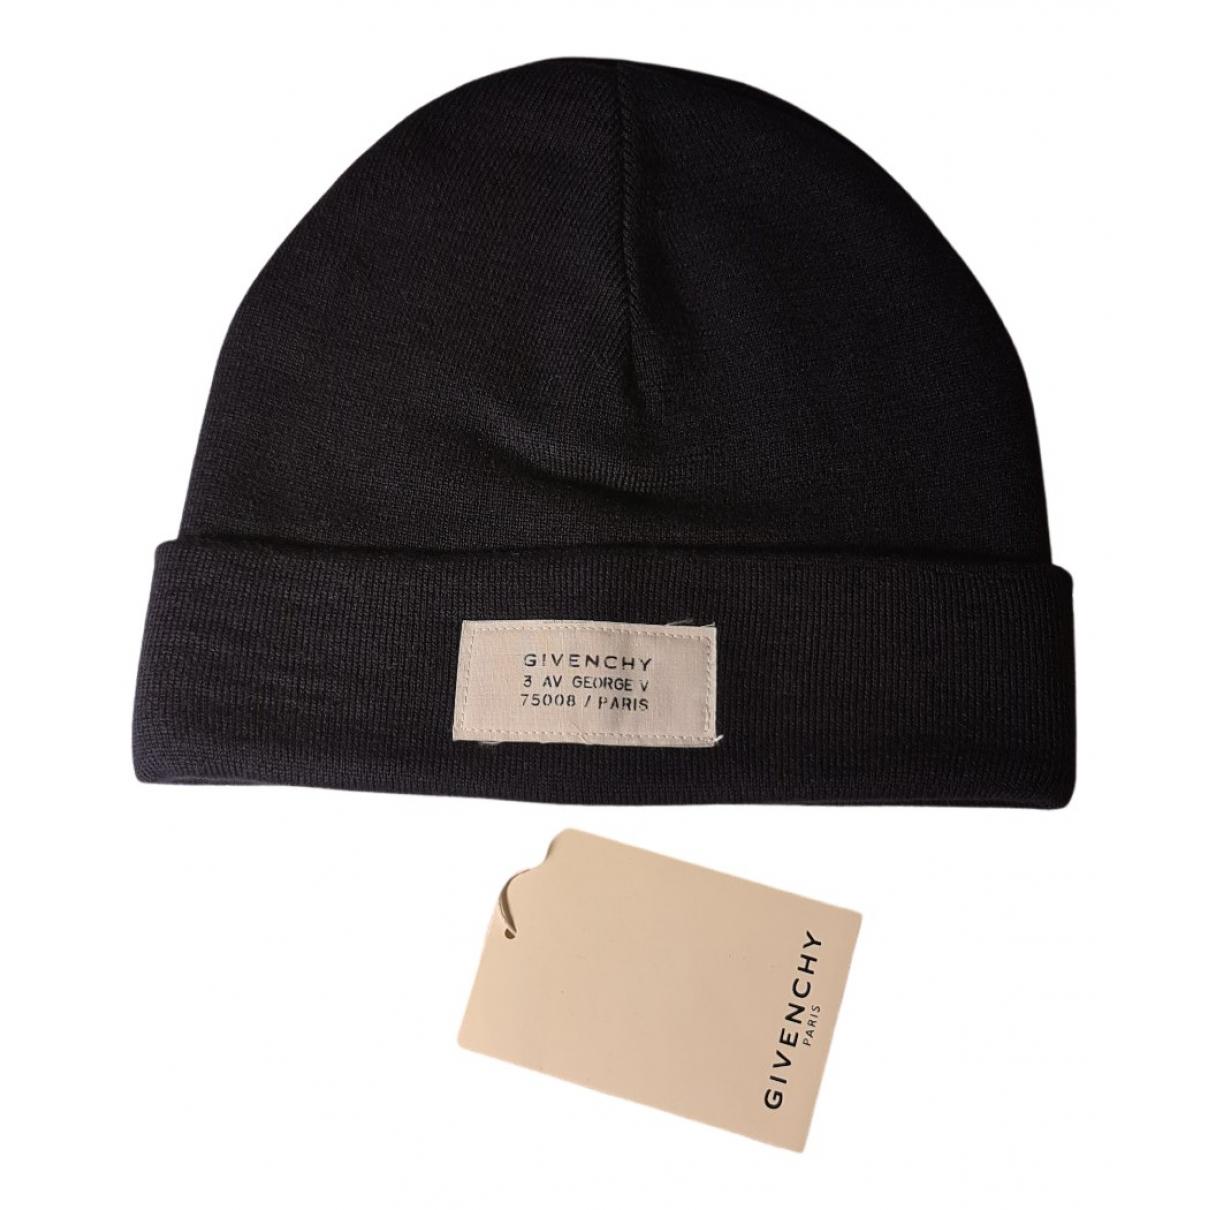 Givenchy - Chapeau & Bonnets   pour homme en laine - marine